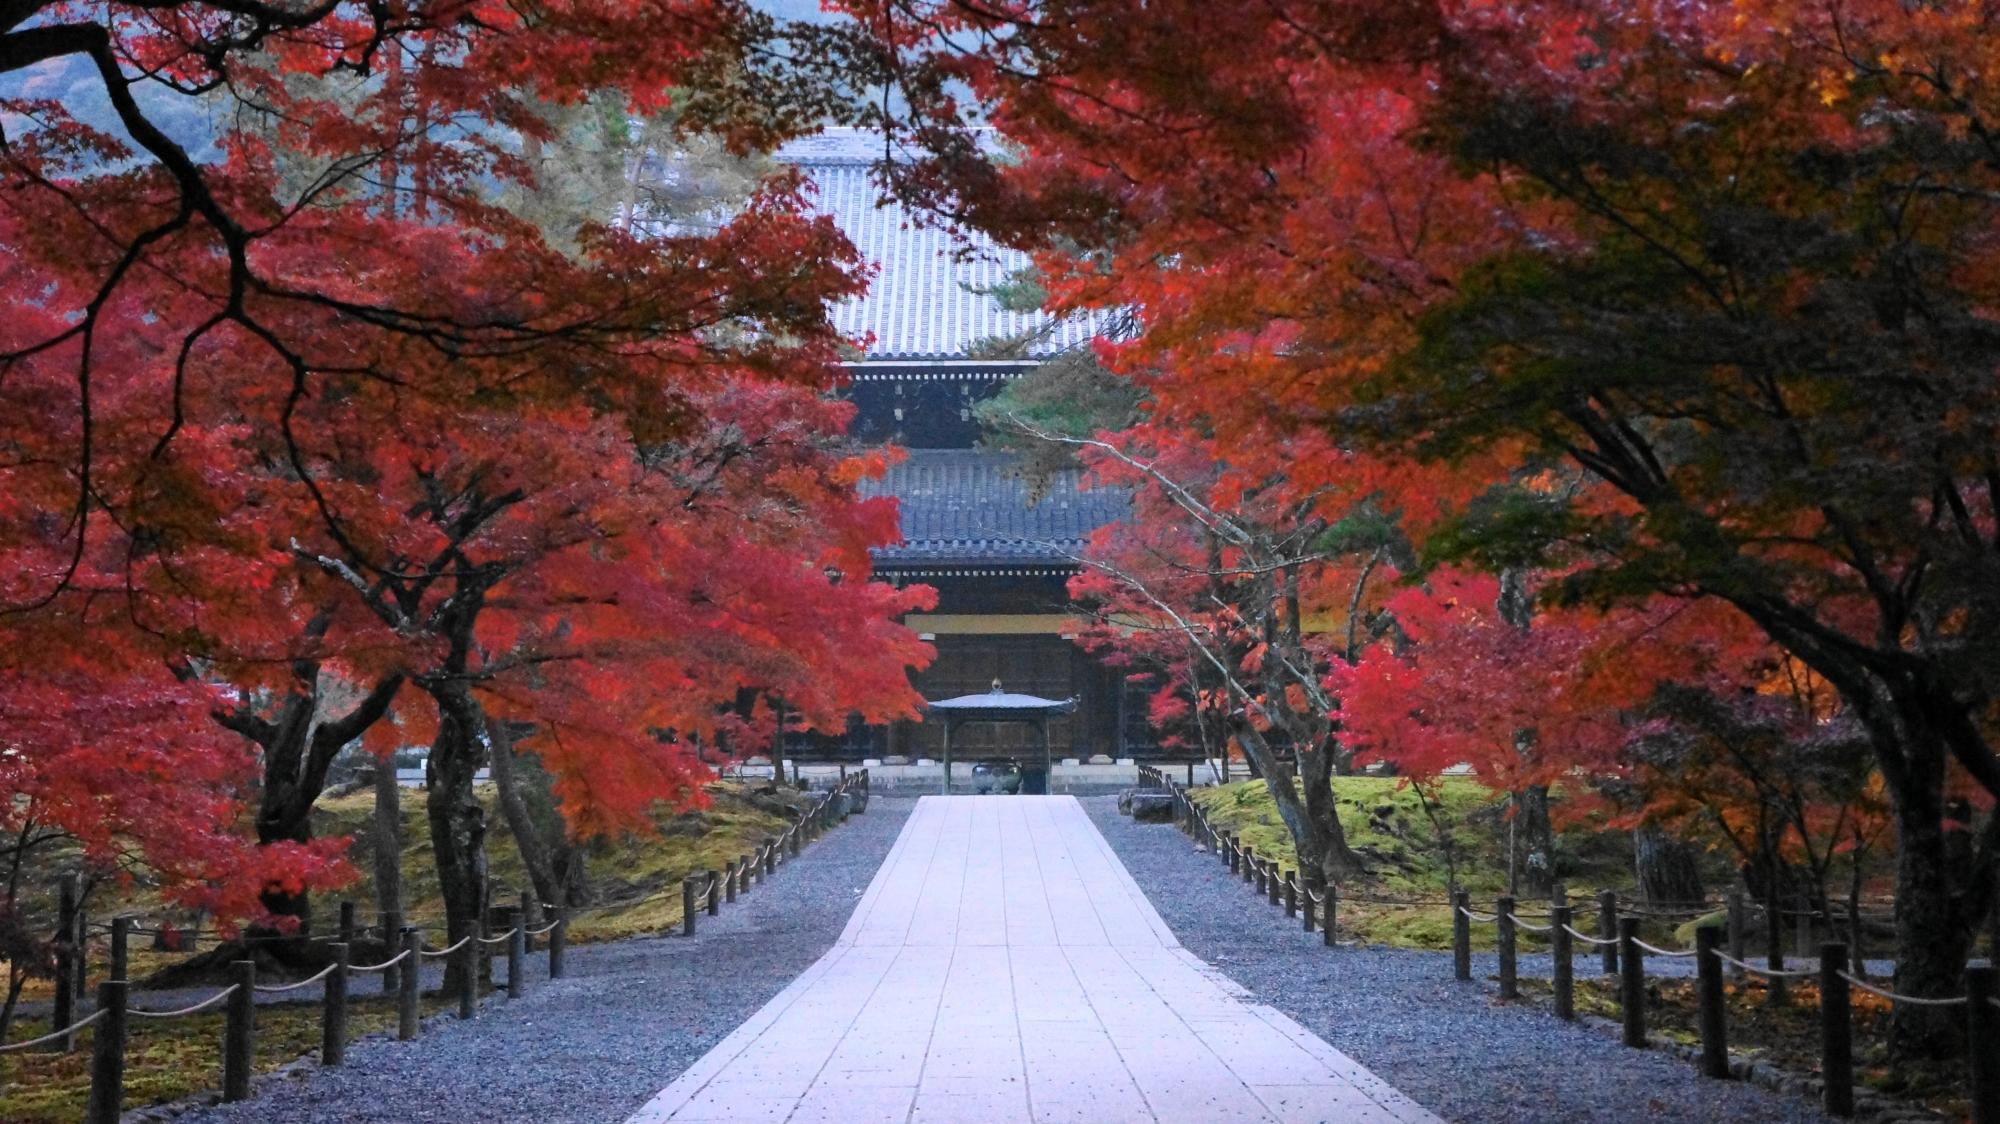 艶やかな紅葉の参道の奥に見える法堂